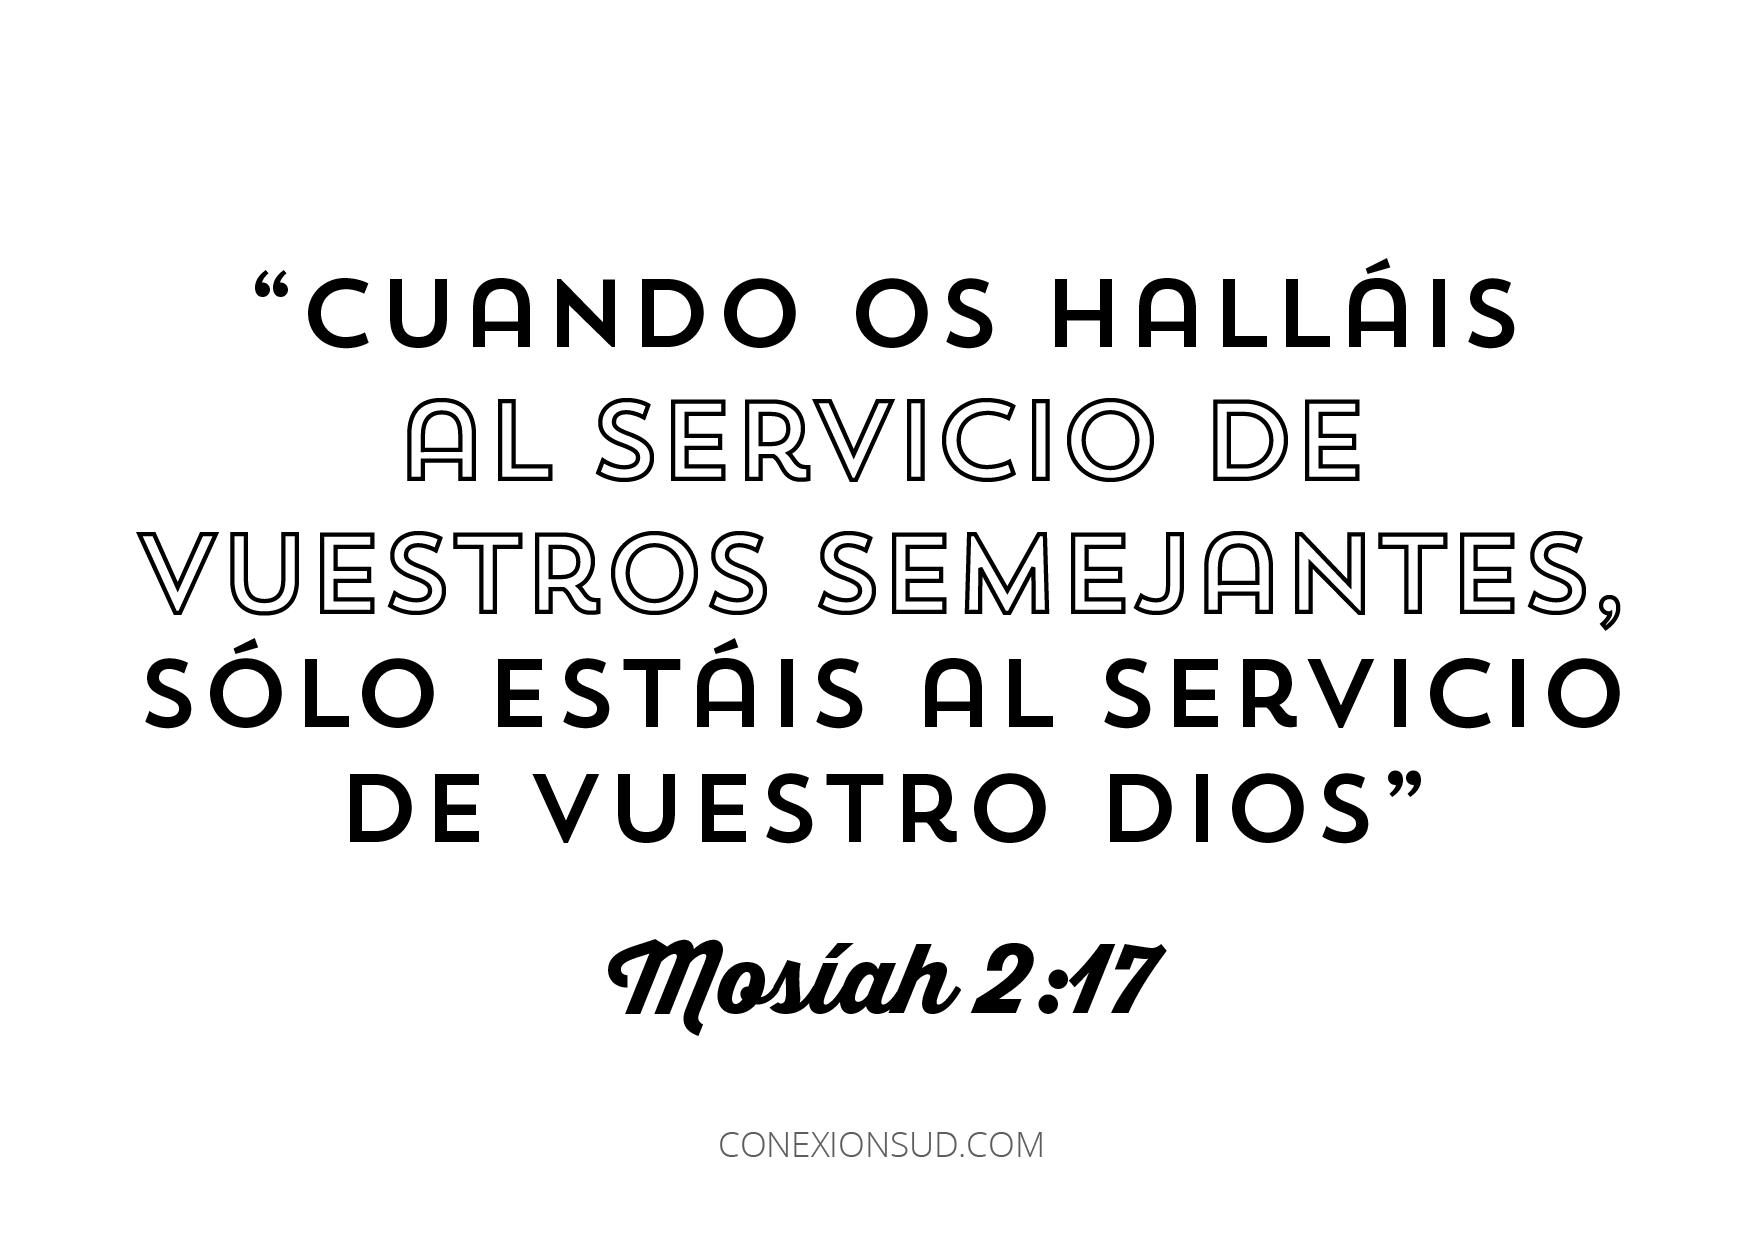 """""""Cuando os halláis al servicio de vuestros semejantes, sólo estáis al servicio de vuestro Dios"""" (Mosíah 2:17) - Conexión SUD"""